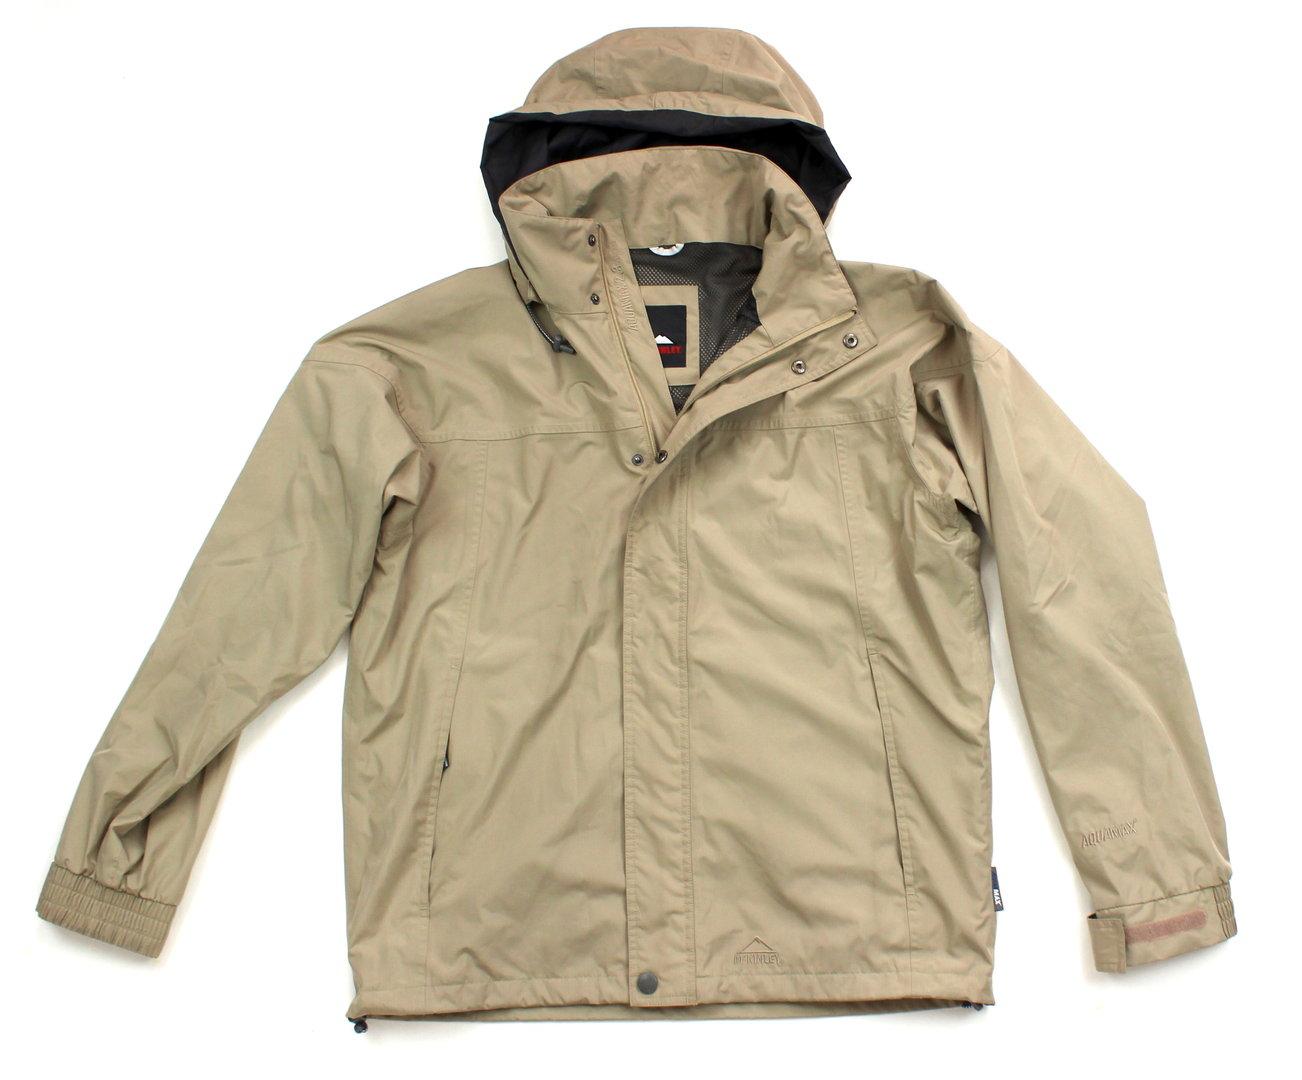 McKINLEY Outdoor Wetter Wander Jacke Herren beige L wolkengang.de